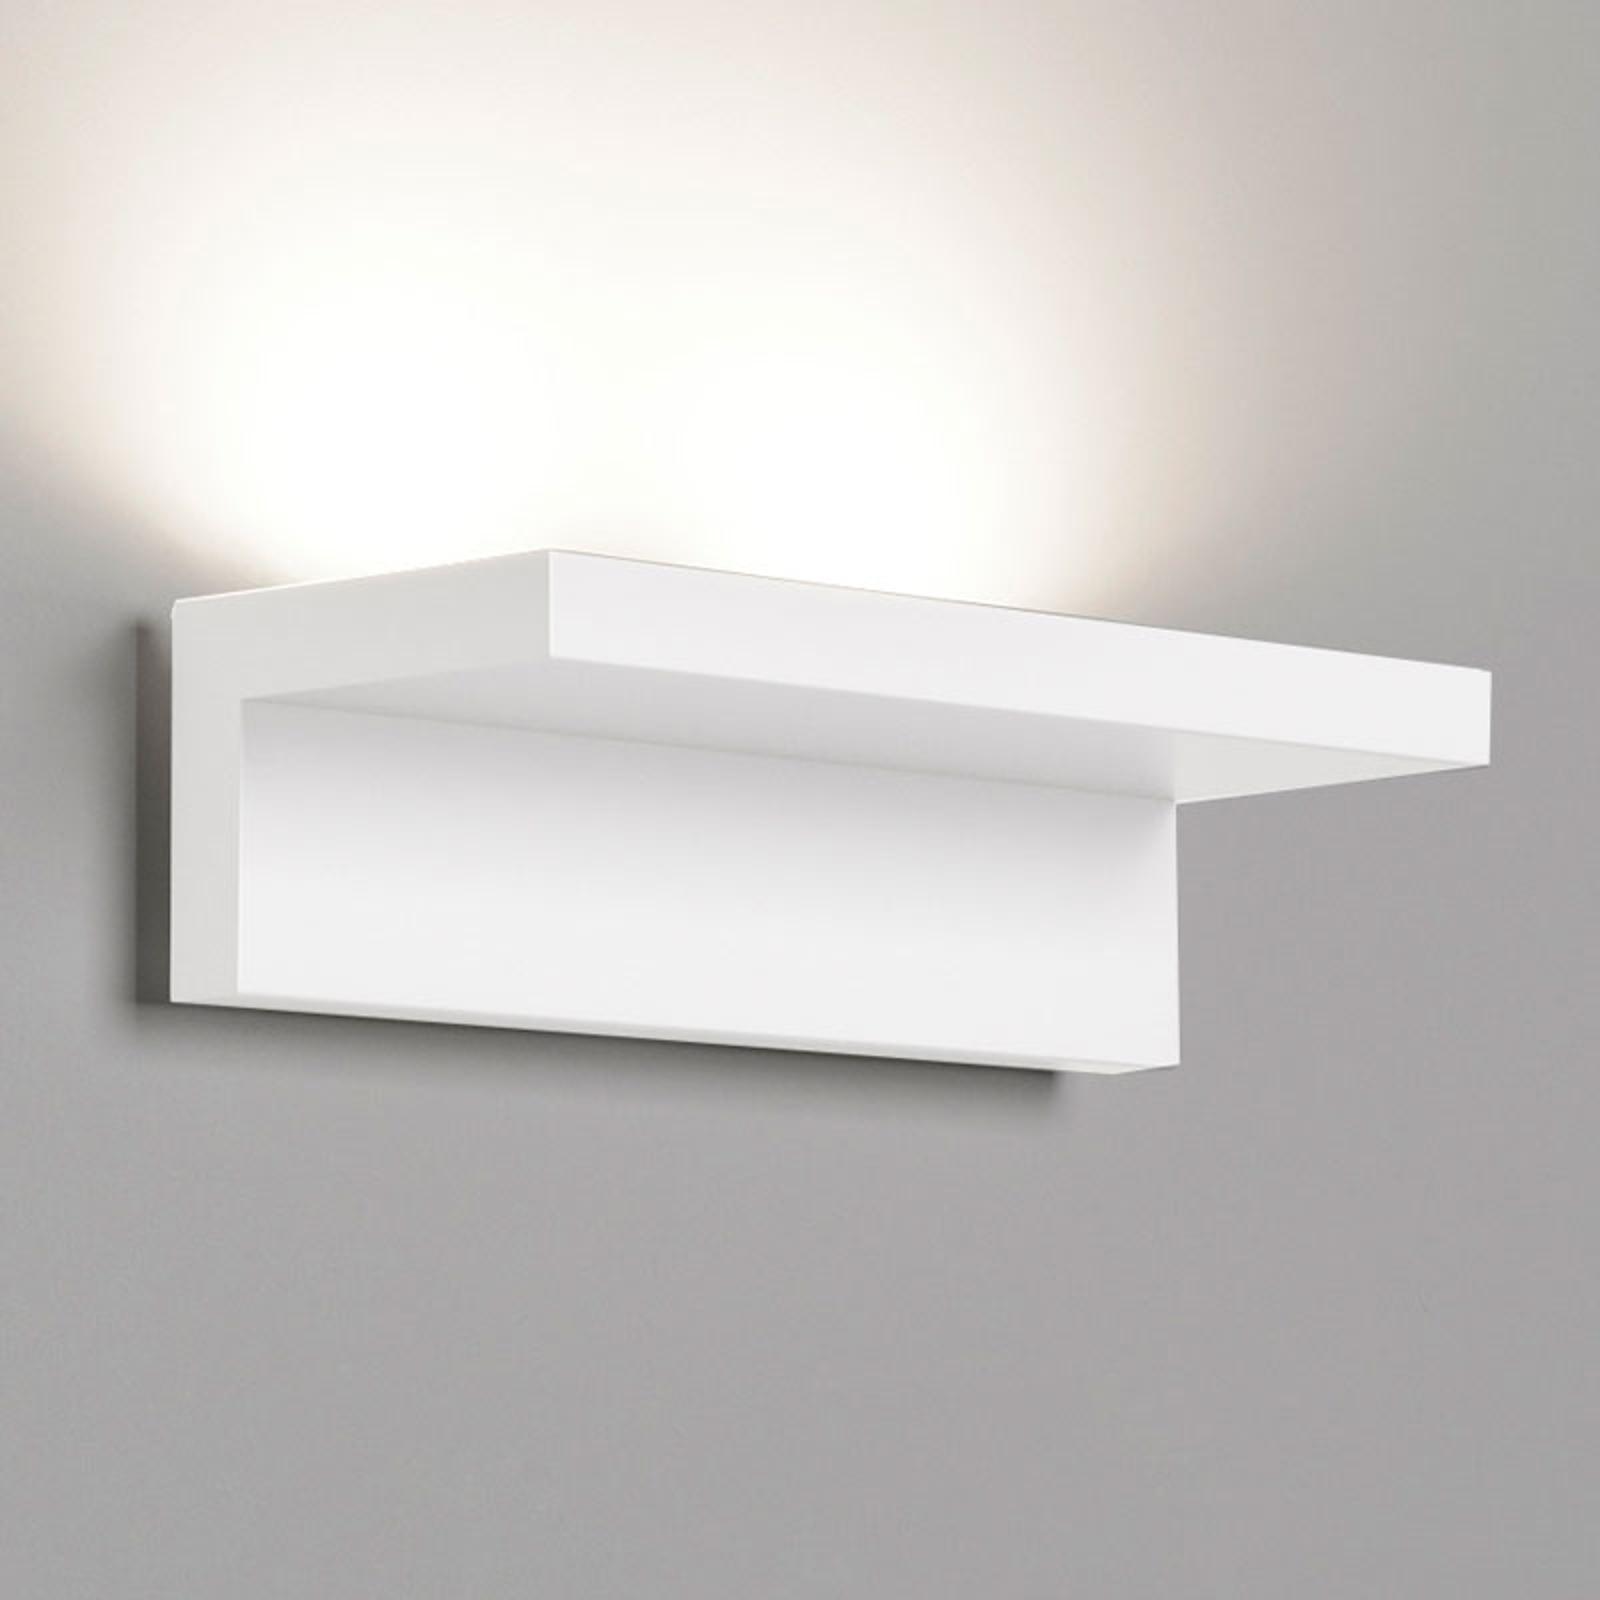 White Step LED wall light_8005135_1